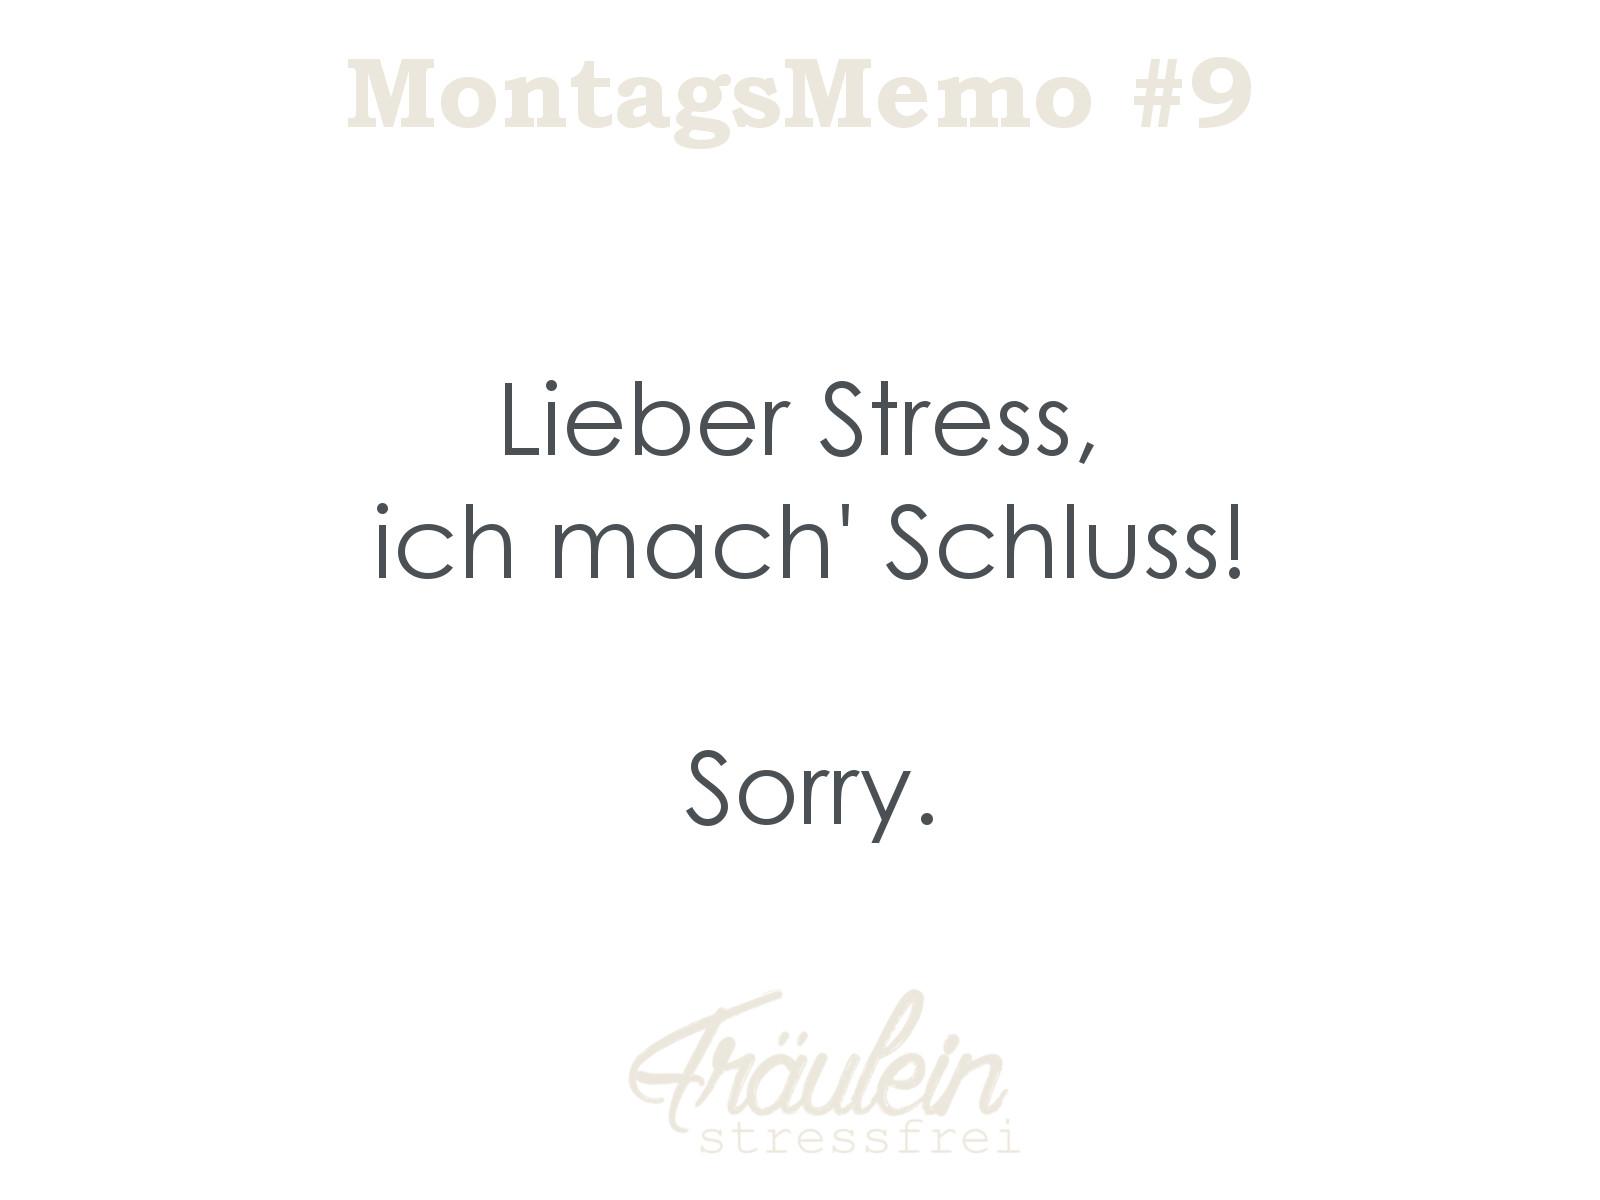 Montagsmemo. Lieber Stress, ich mach Schluss. Sorry.